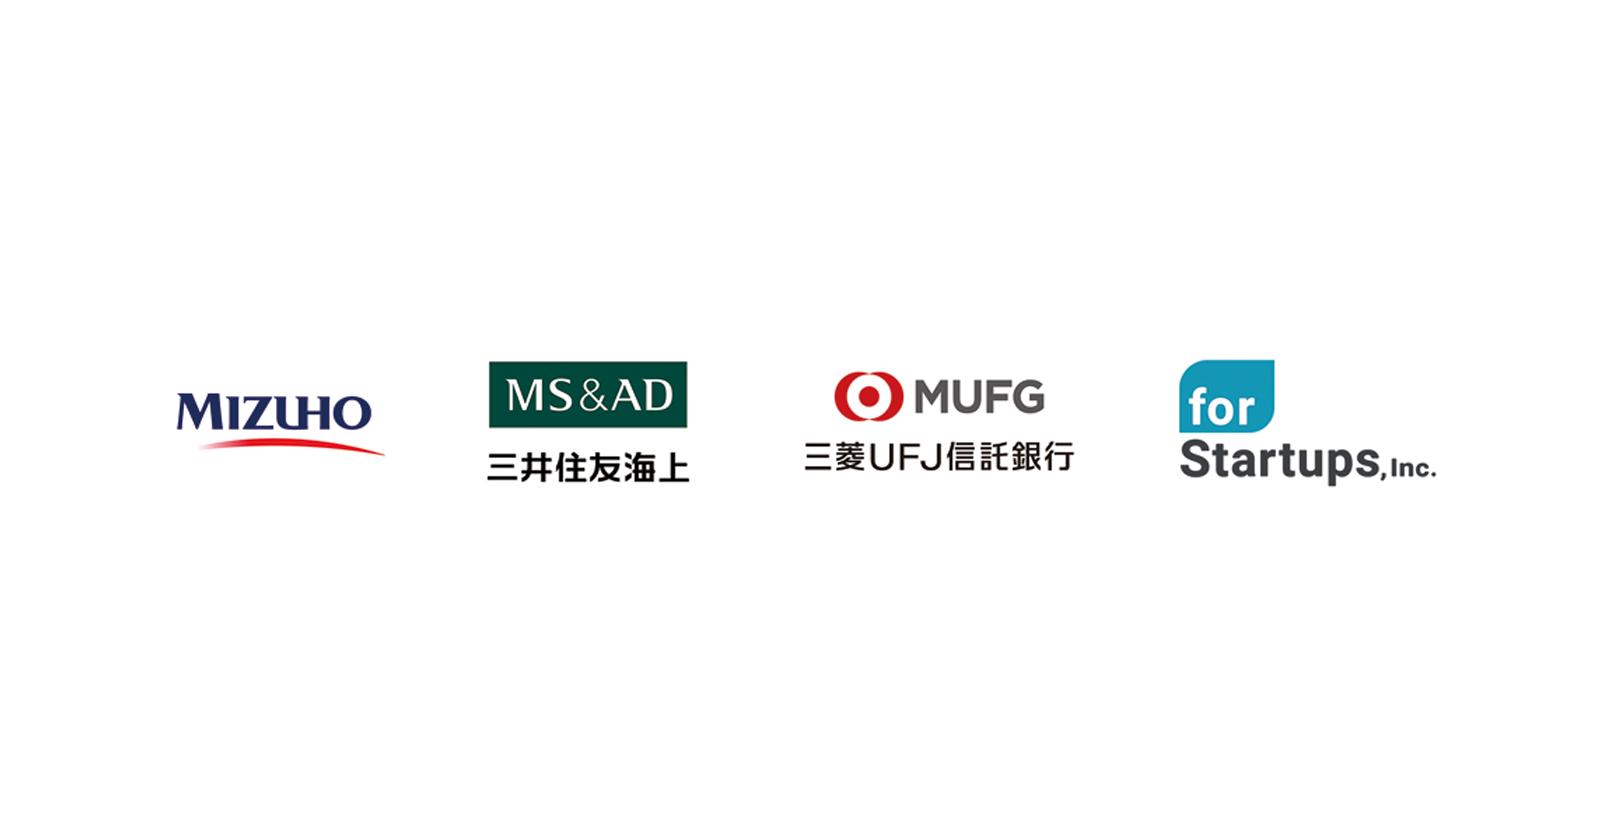 フォースタートアップス、大手金融グループ会社3社と提携し、 シード期スタートアップ向け総合コンシェルジュサービス「forSEED(フォーシード)」を開始